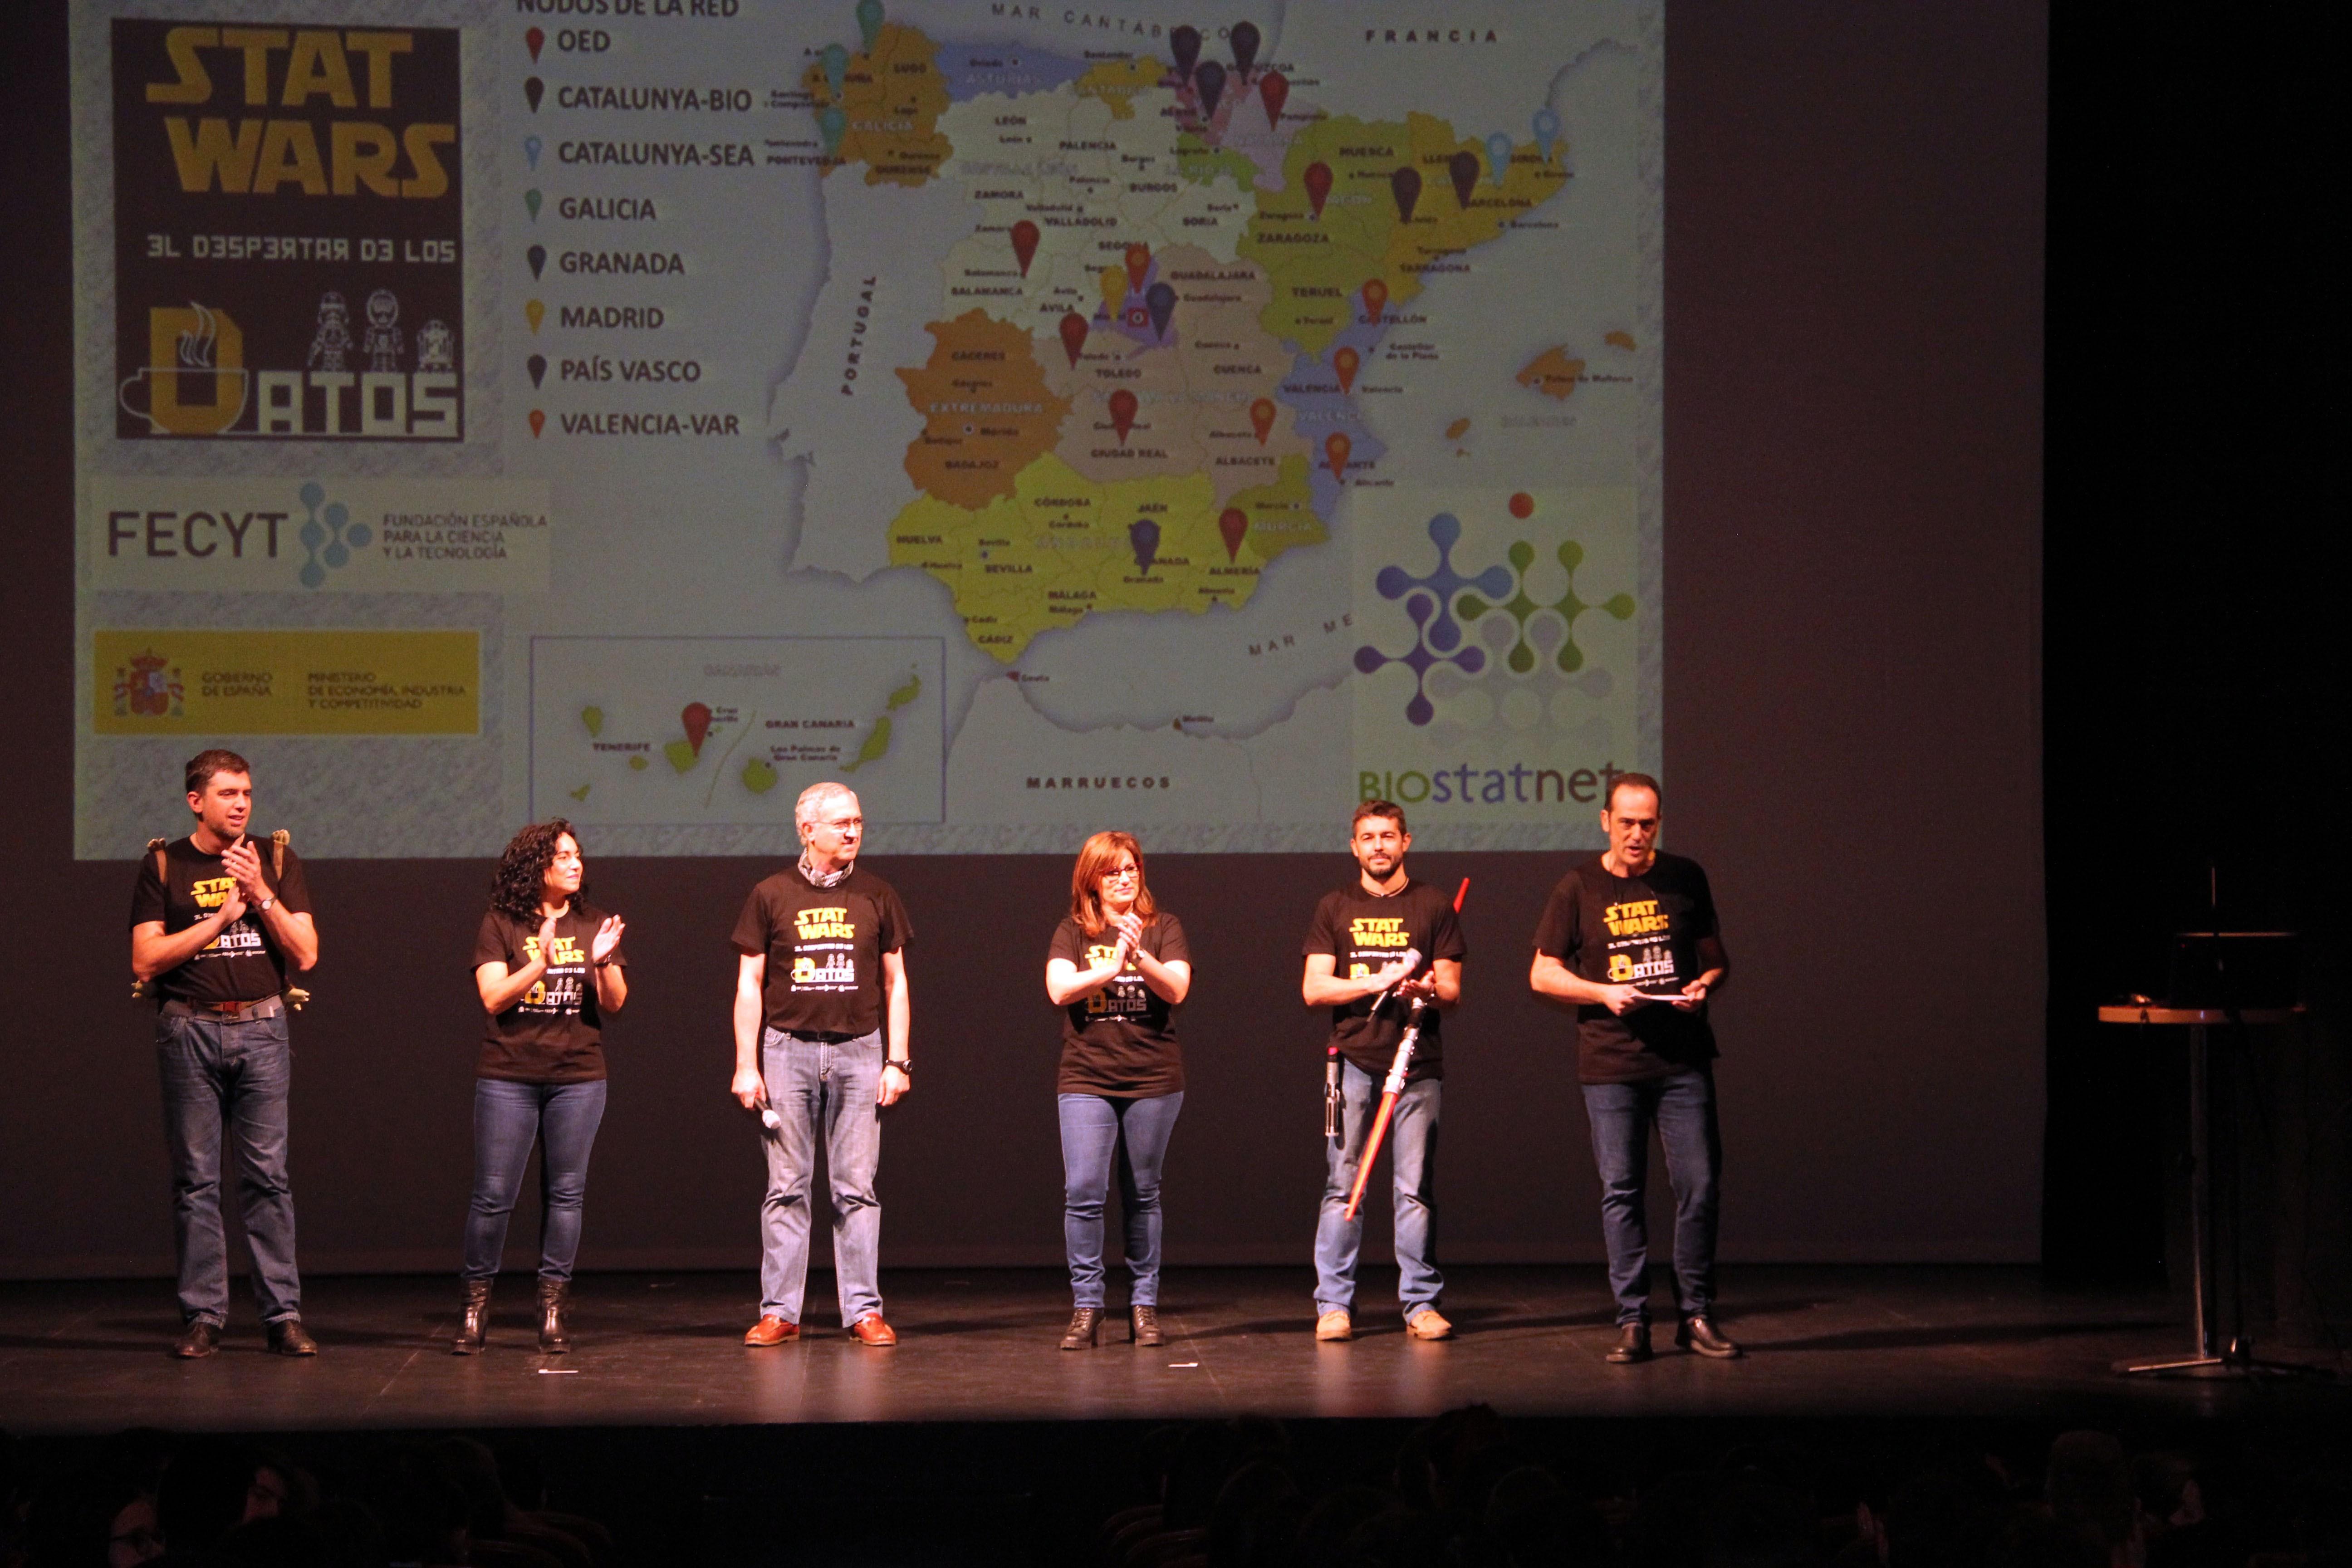 Más de 700 alumnos de ESO y Bachillerato participan en la actividad de divulgación de la estadística 'Stat Wars', coorganizada por la Universidad de Salamanca